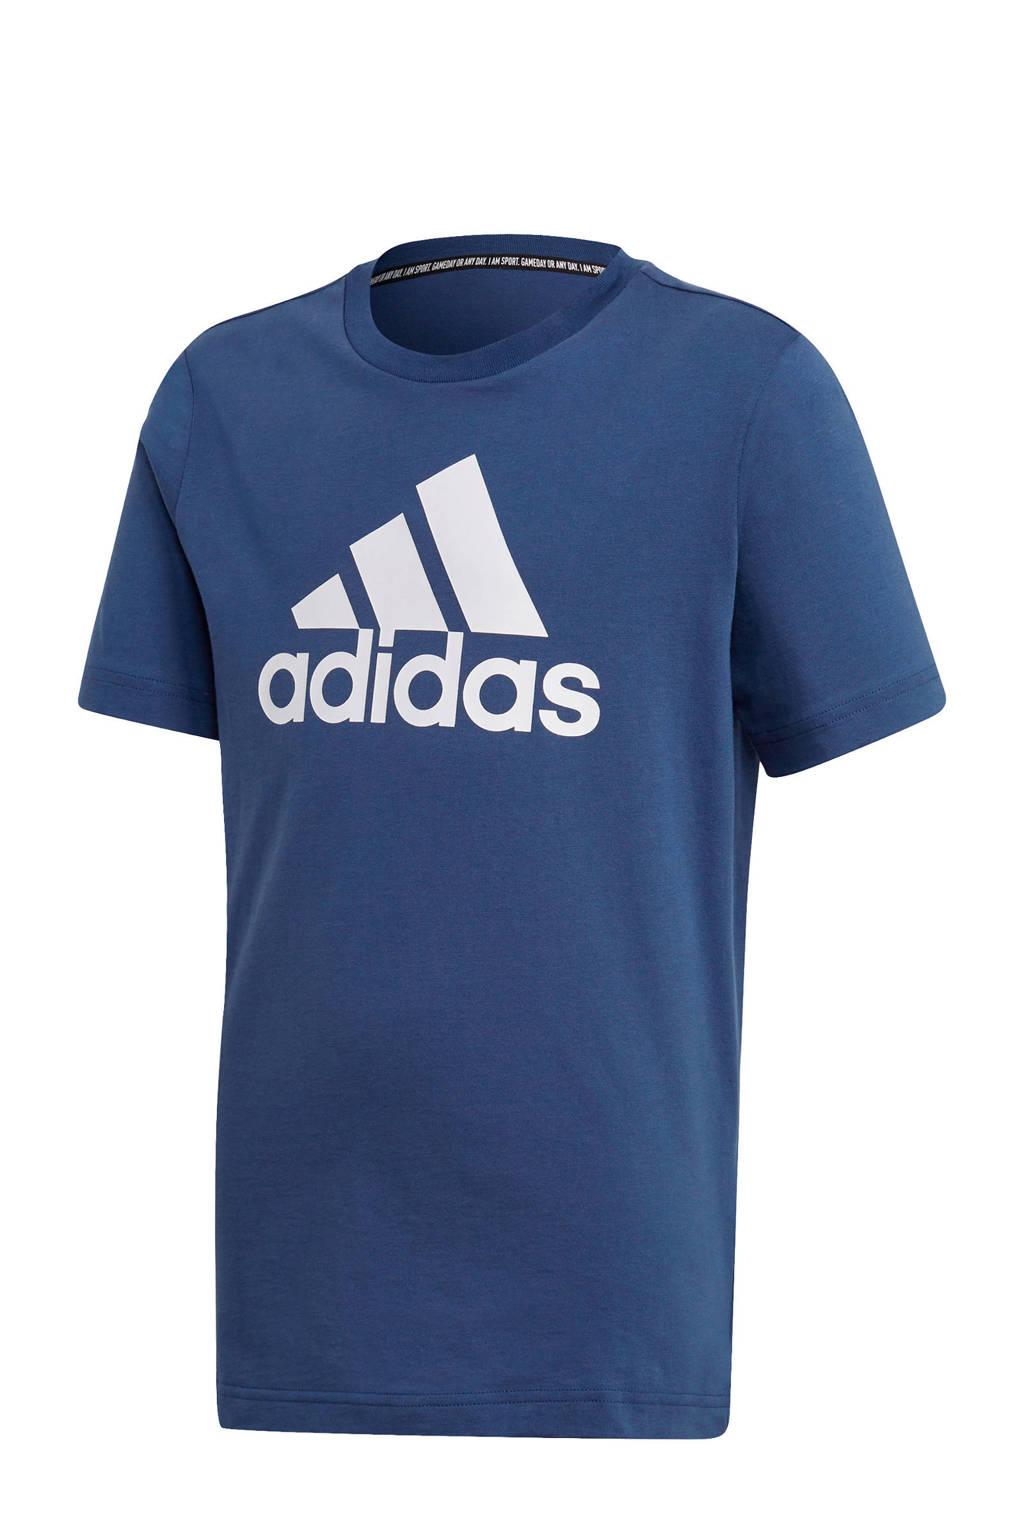 adidas   sport T-shirt blauw/wit, Blauw/wit